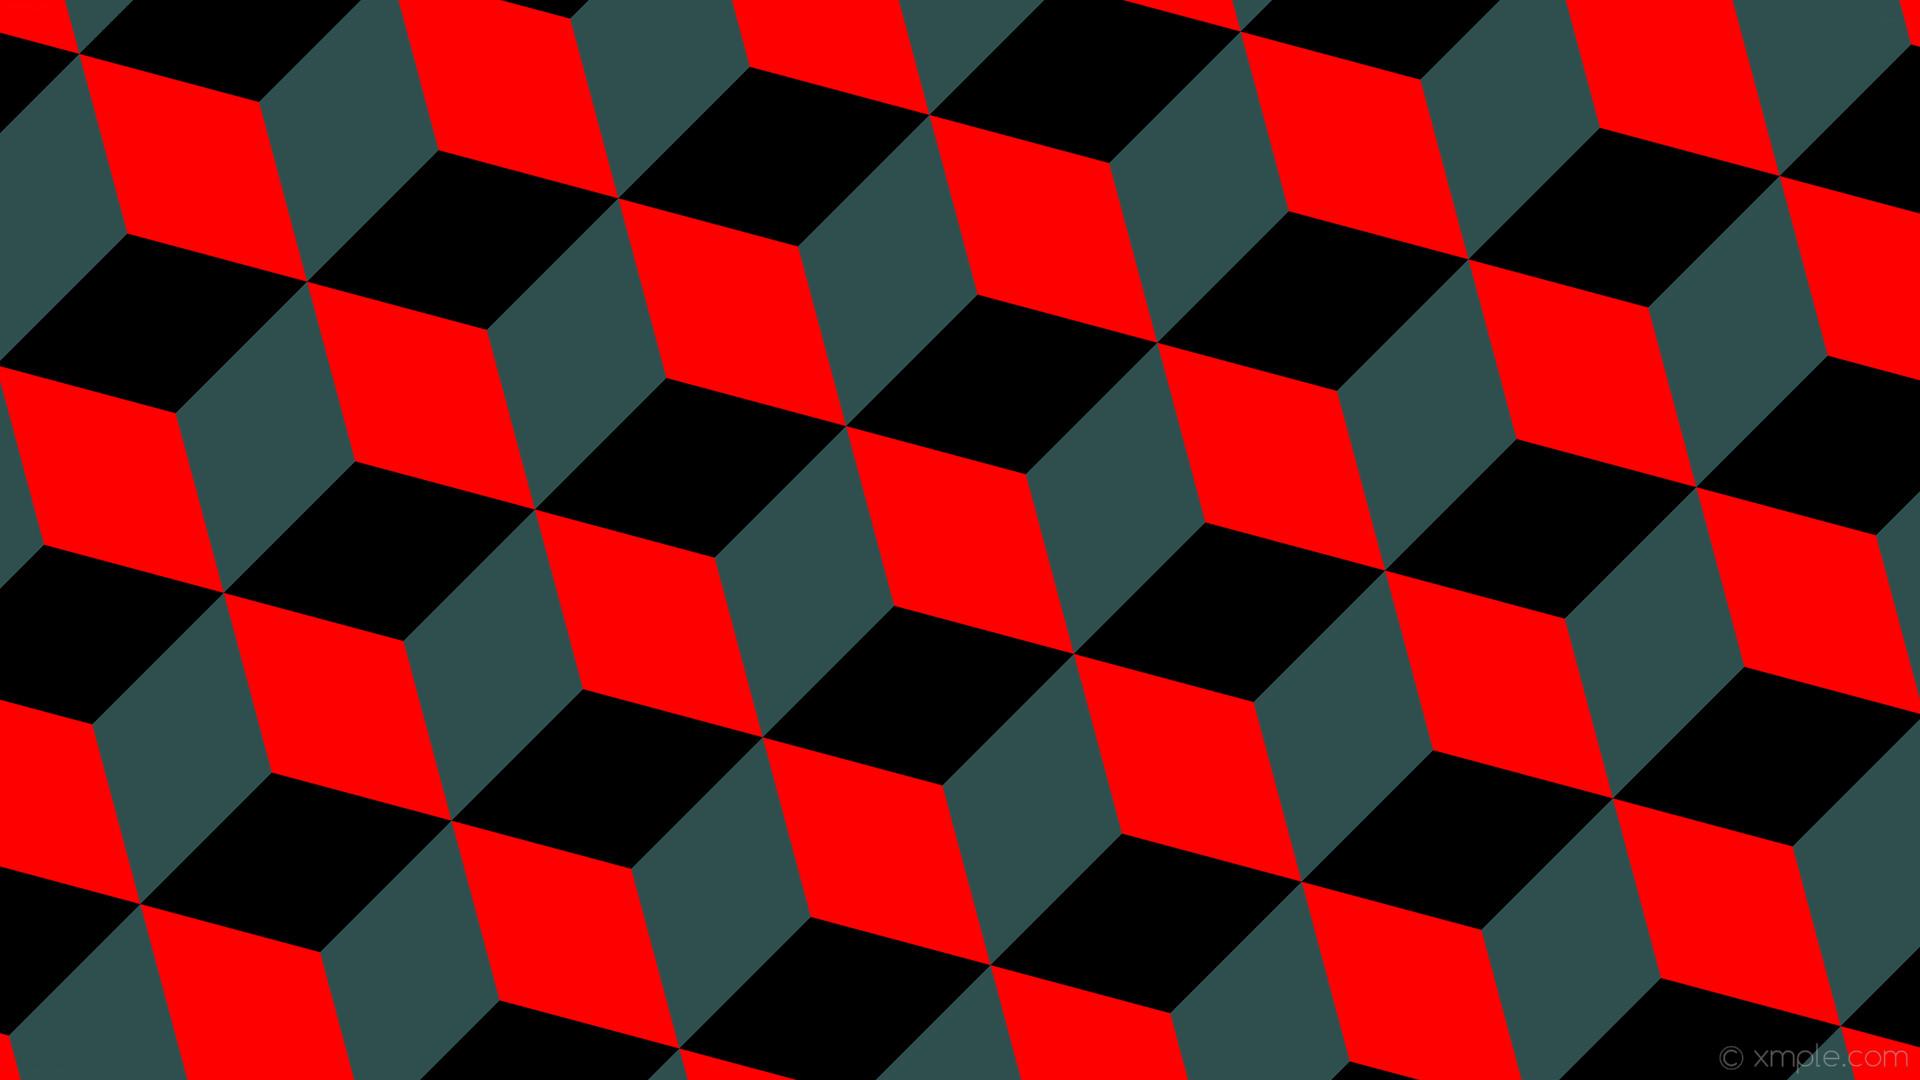 wallpaper grey 3d cubes red black dark slate gray #ff0000 #2f4f4f #000000  315